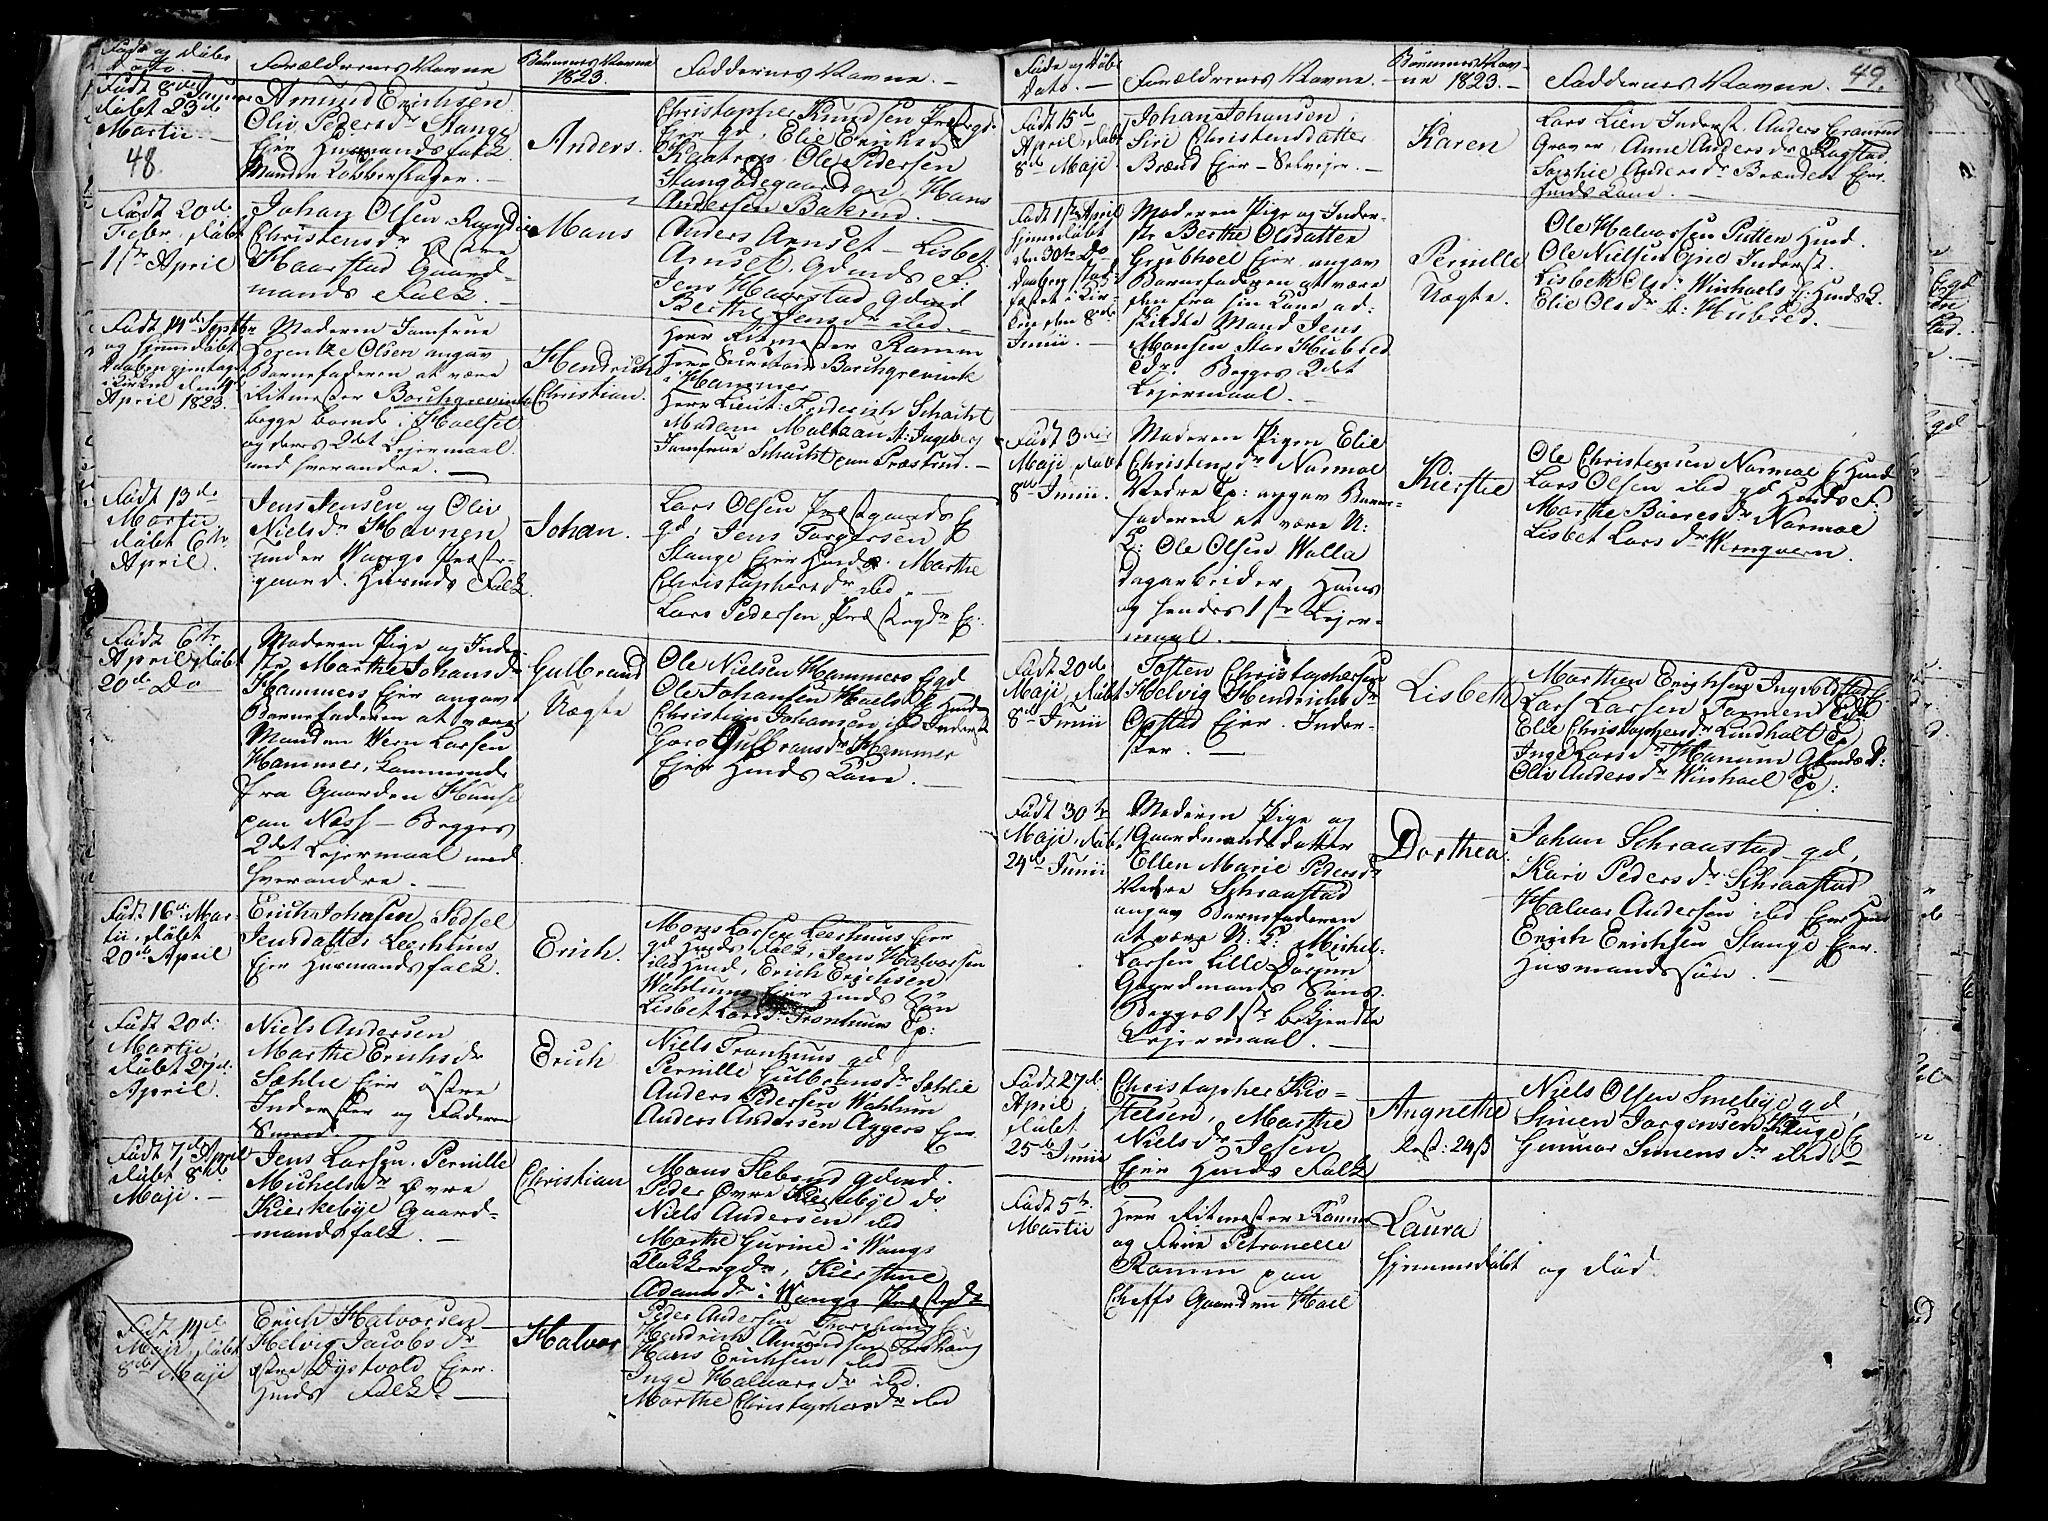 SAH, Vang prestekontor, Hedmark, H/Ha/Hab/L0006: Klokkerbok nr. 6, 1819-1832, s. 48-49